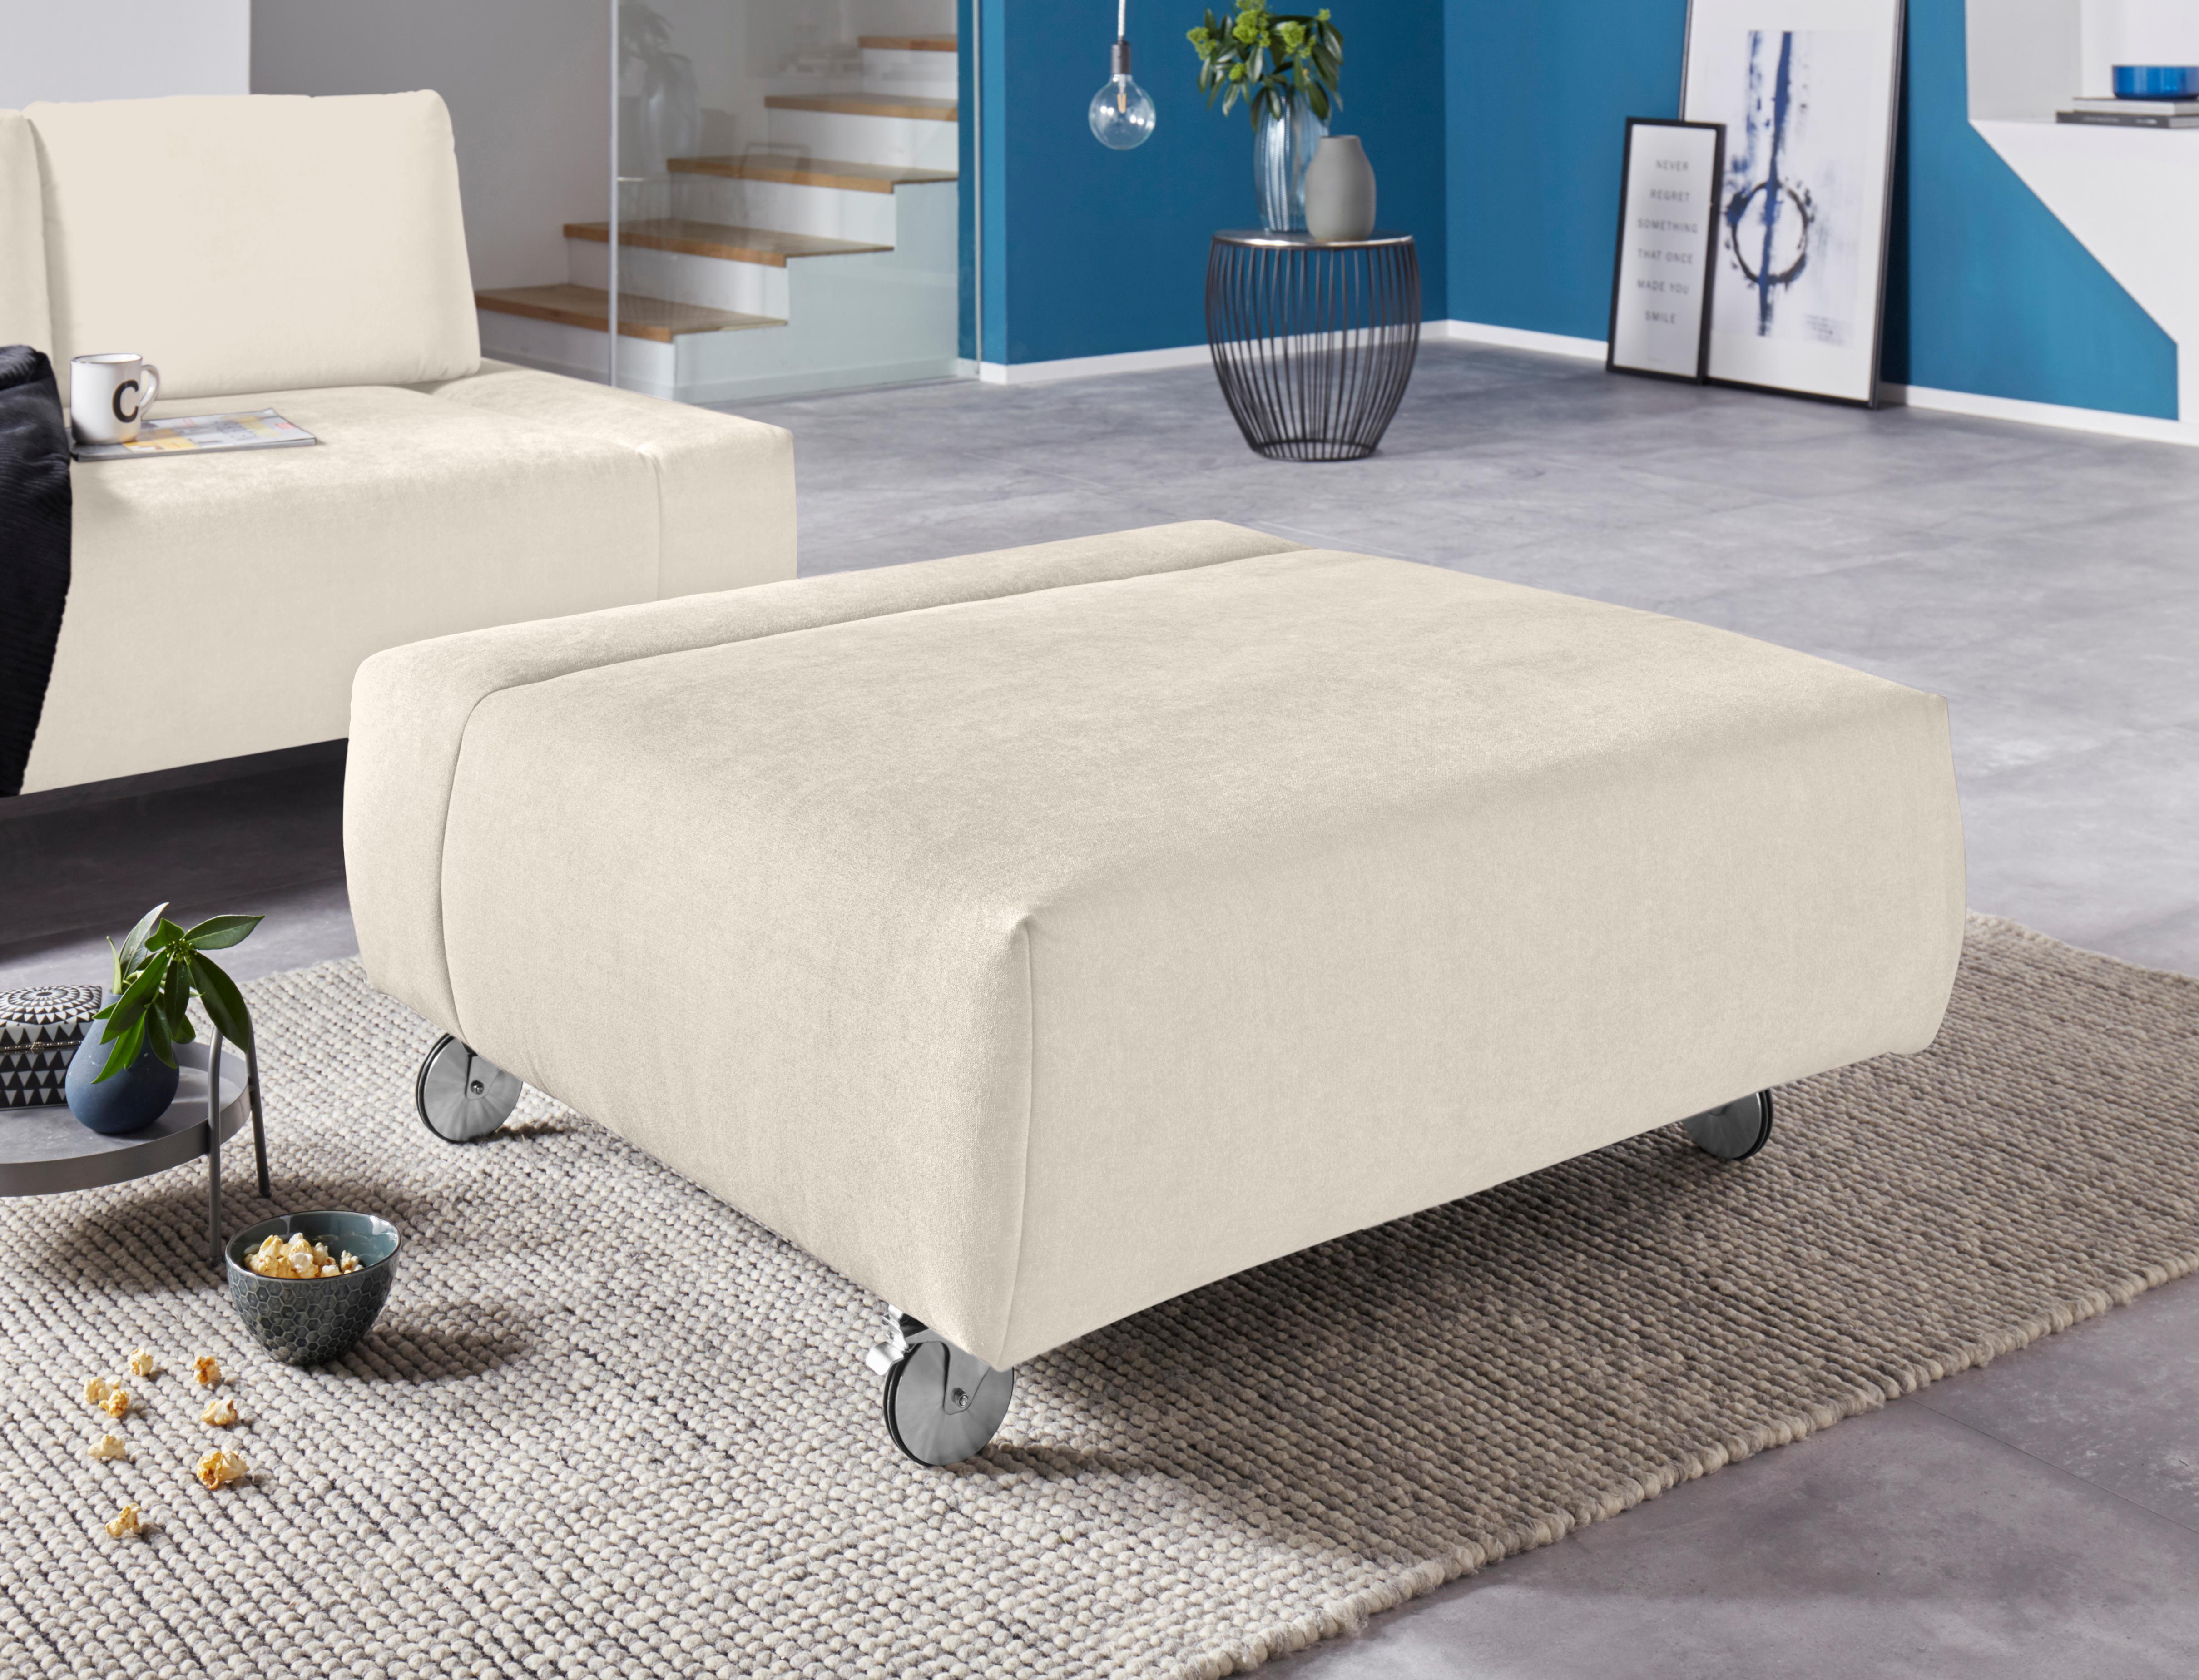 sit&more Polsterhocker   Wohnzimmer > Hocker & Poufs > Polsterhocker   Sit&More